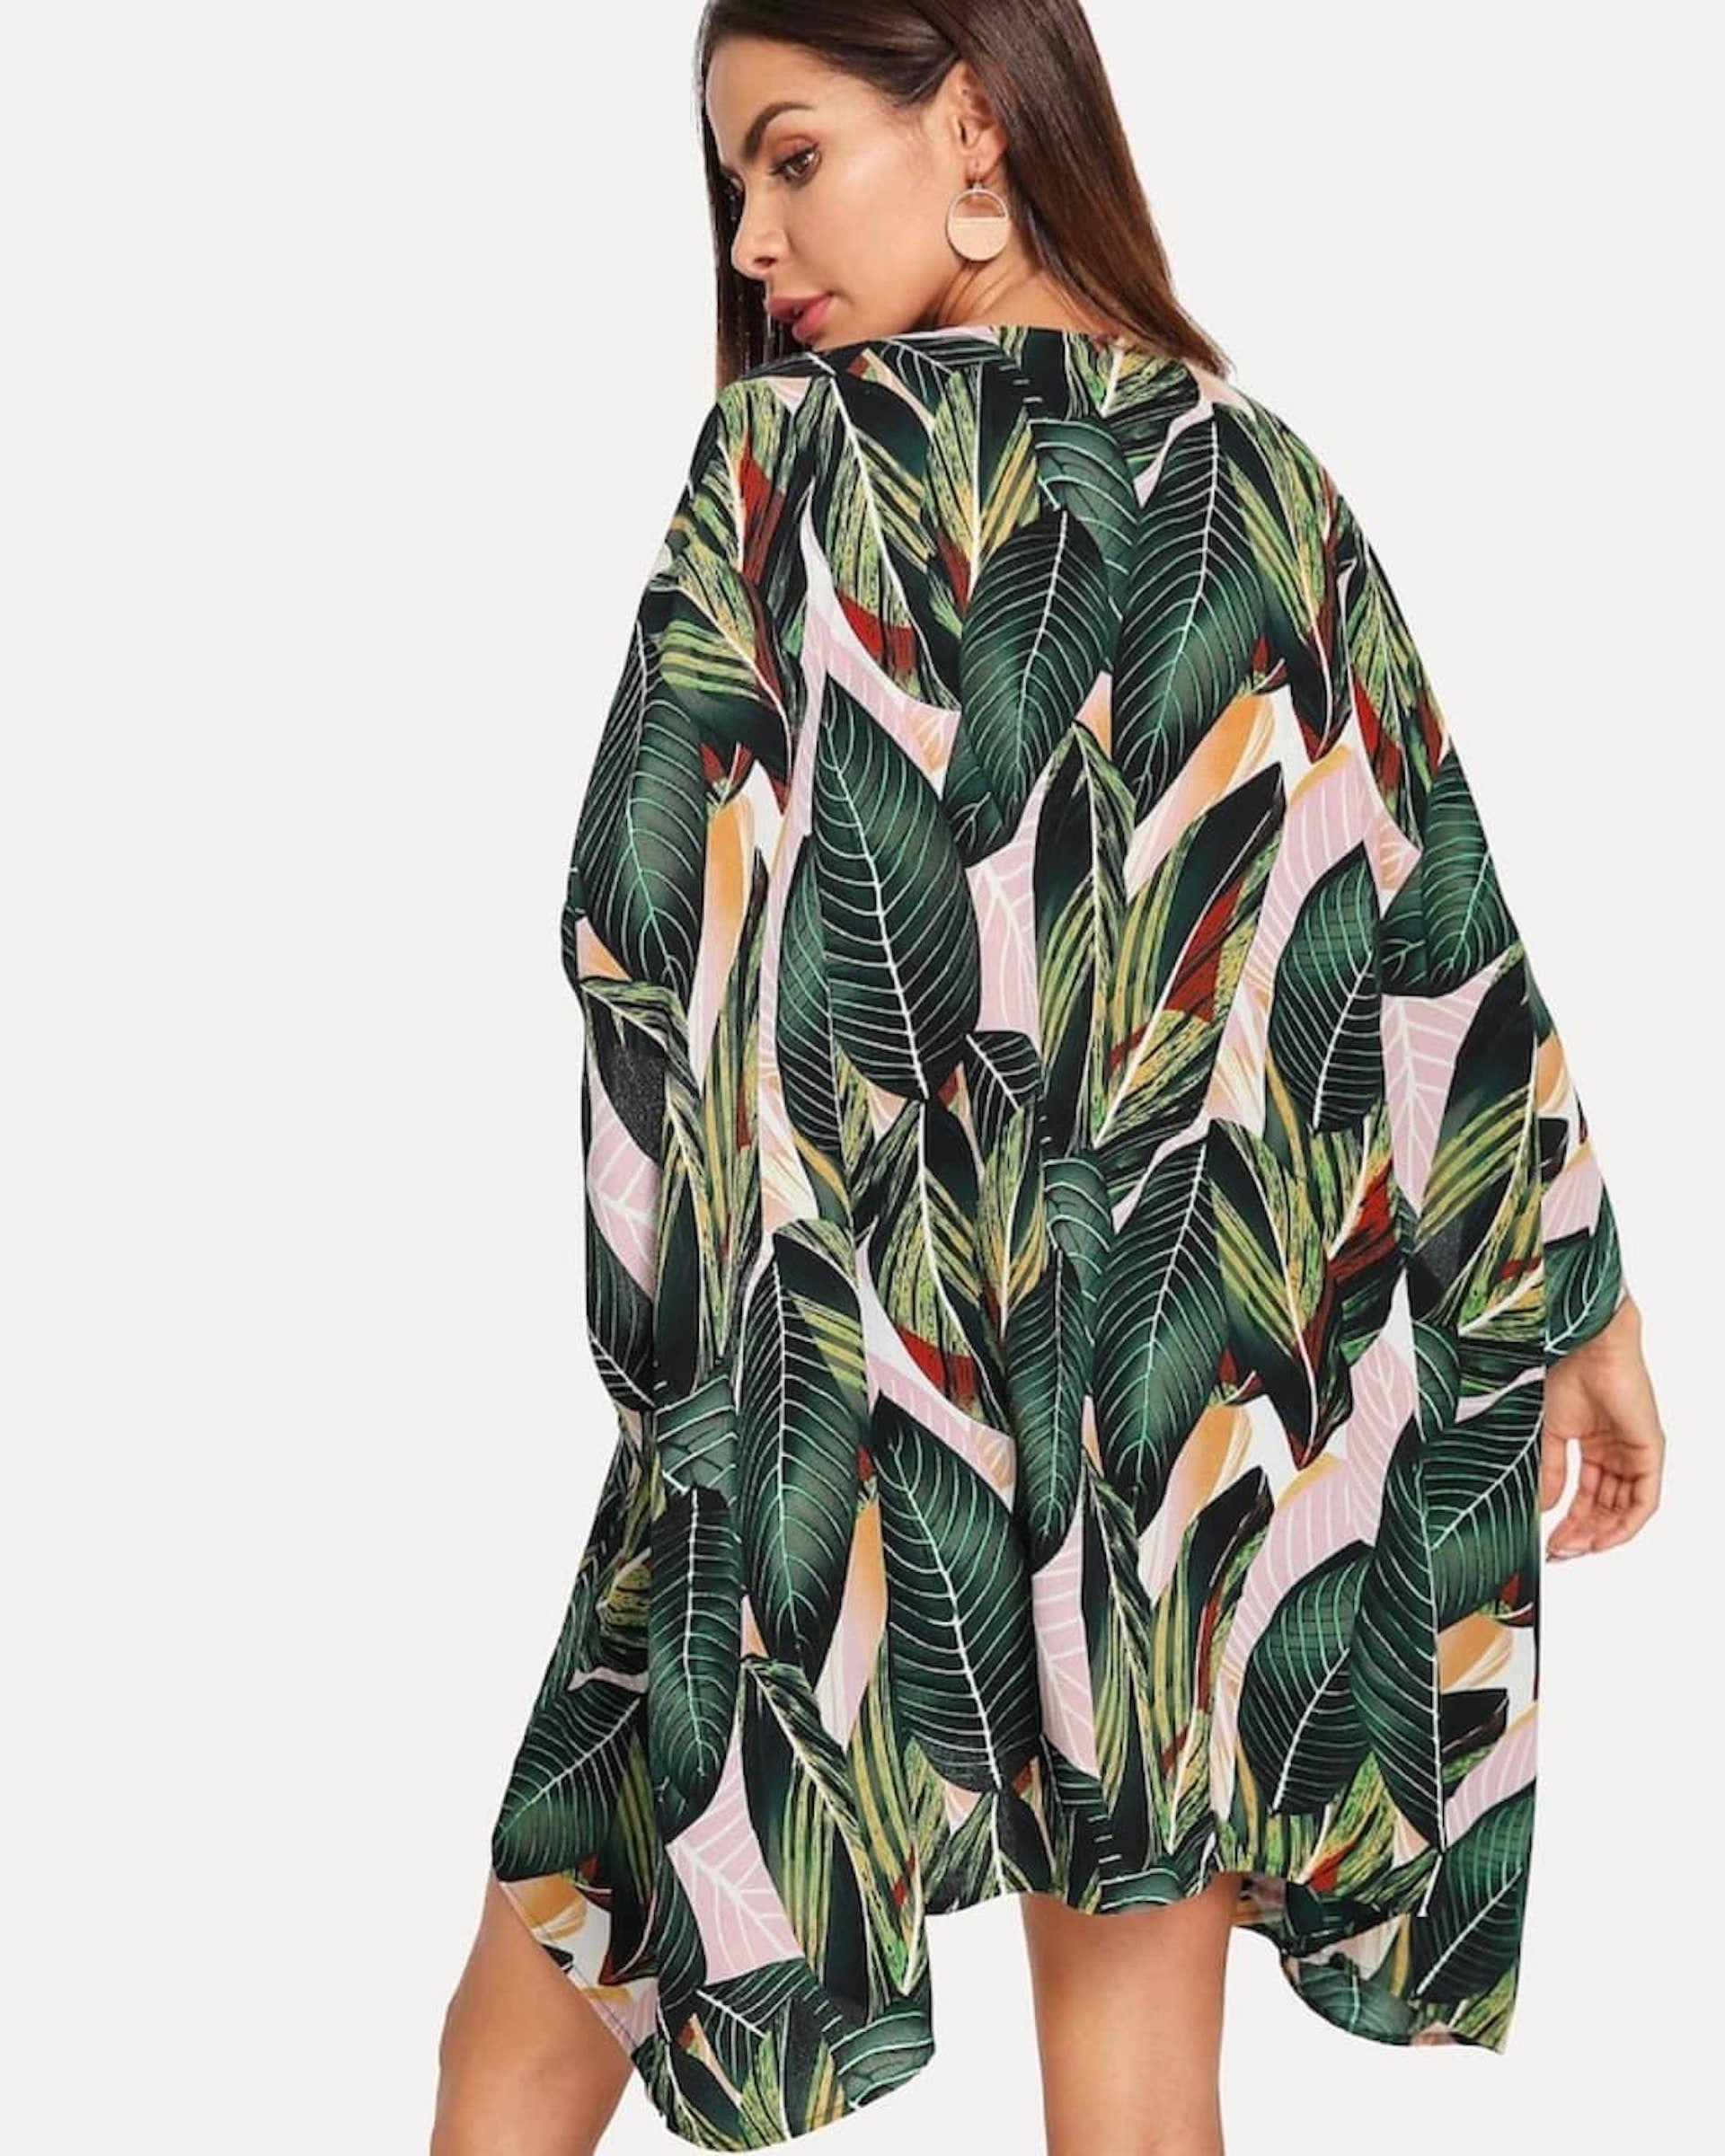 El kimono es un comodín para levantar cualquier look. Foto IG